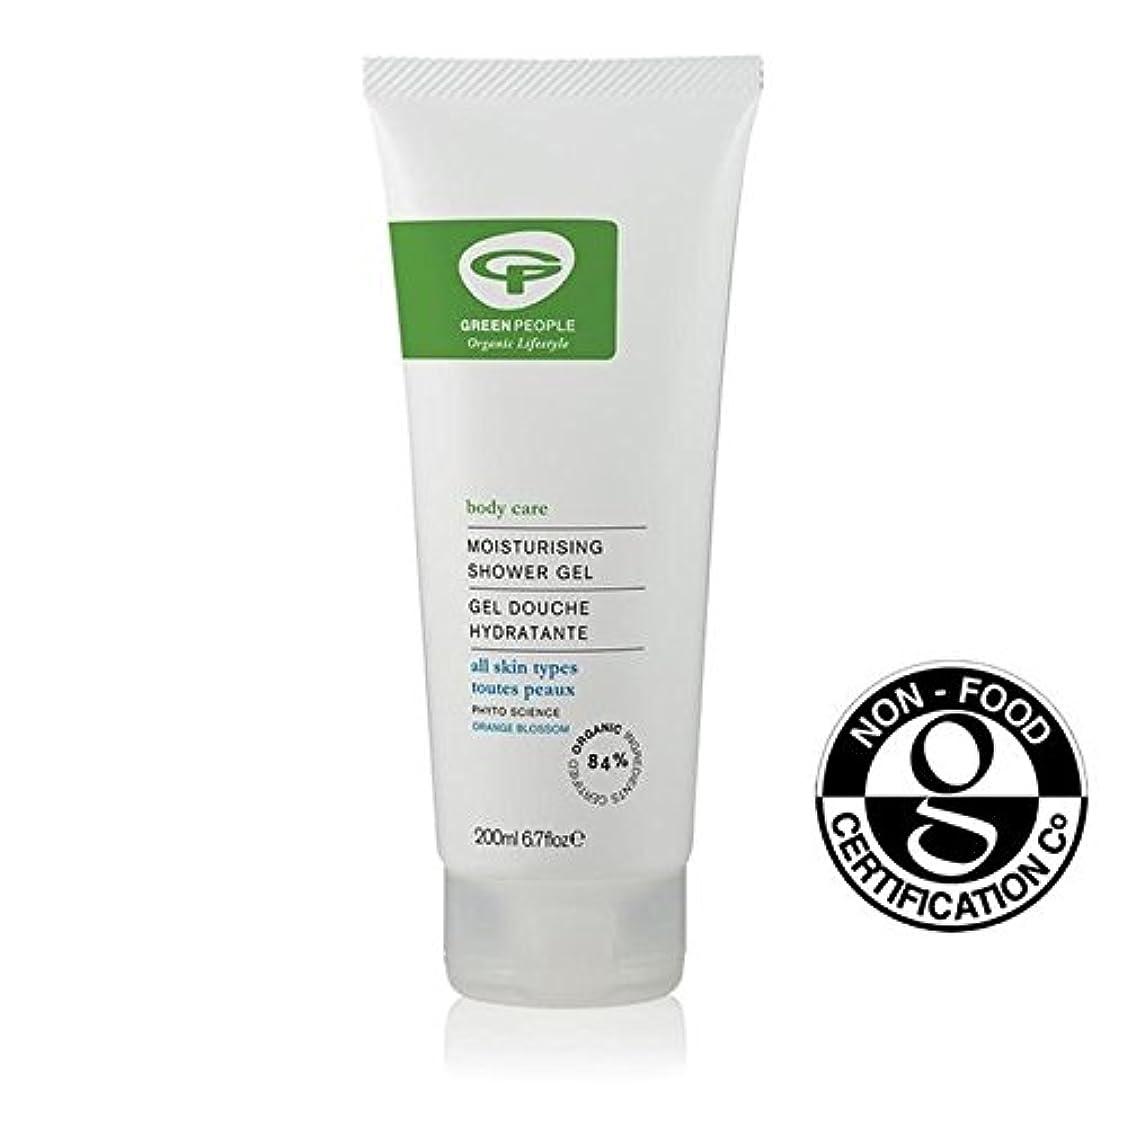 ネクタイ牧草地アミューズメントGreen People Organic Moisturising Shower Gel 200ml - 緑の人々の有機保湿シャワージェル200 [並行輸入品]